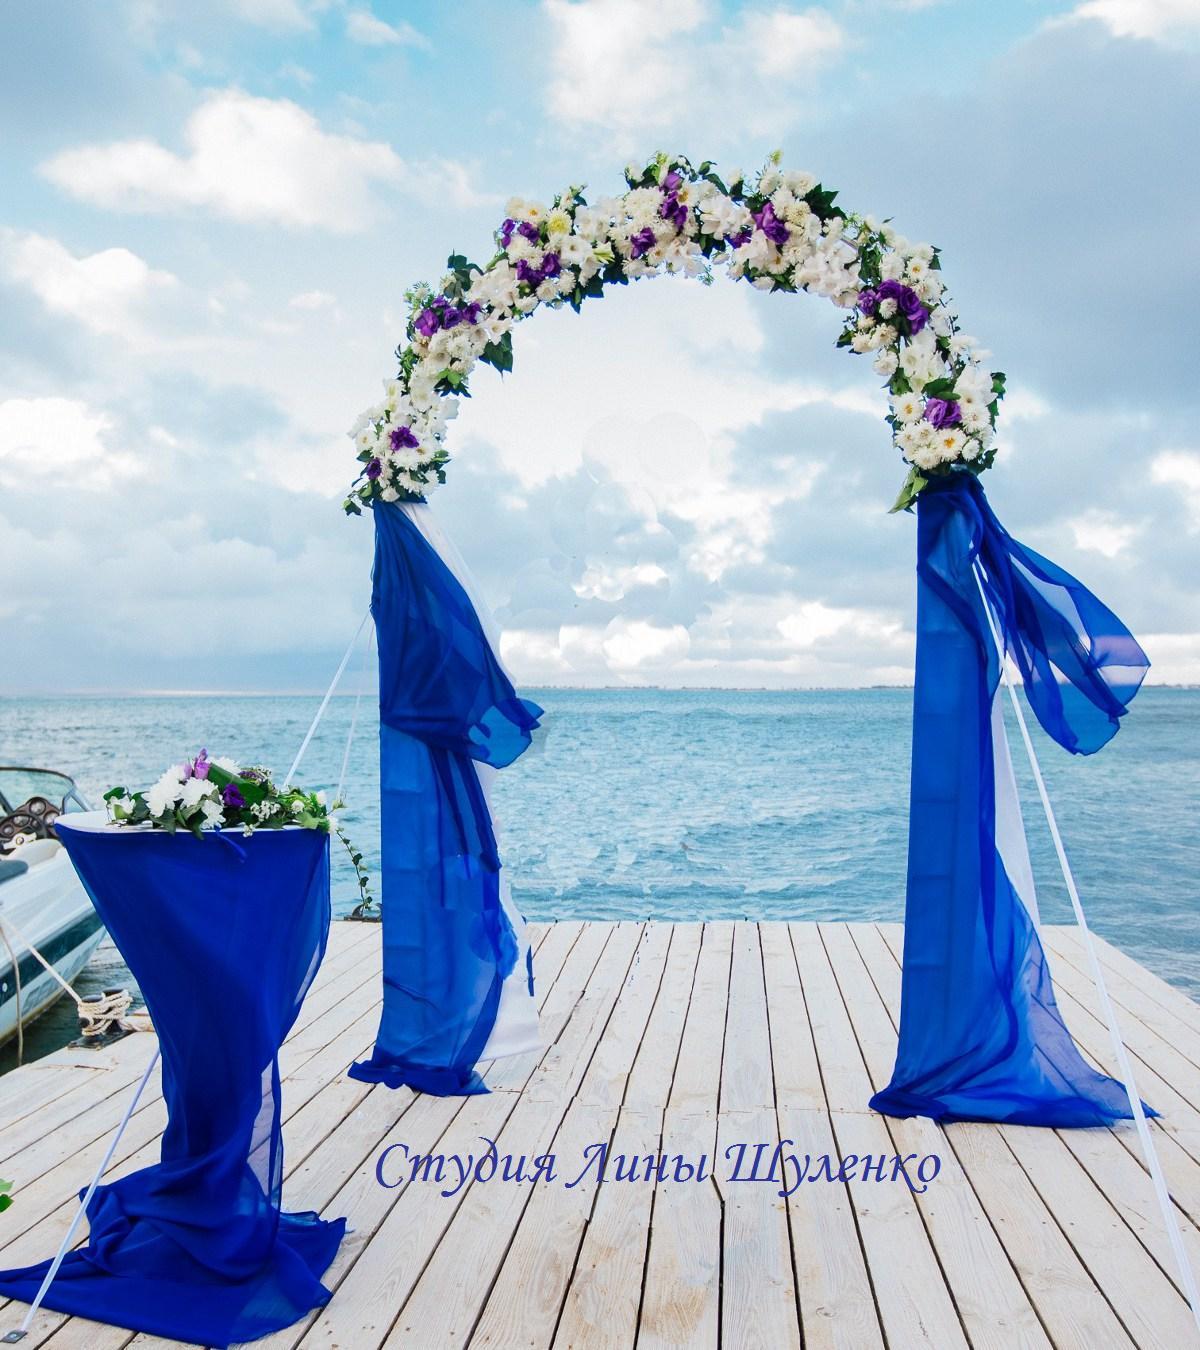 Фото арка для выездной регистрации с синими цветами 17